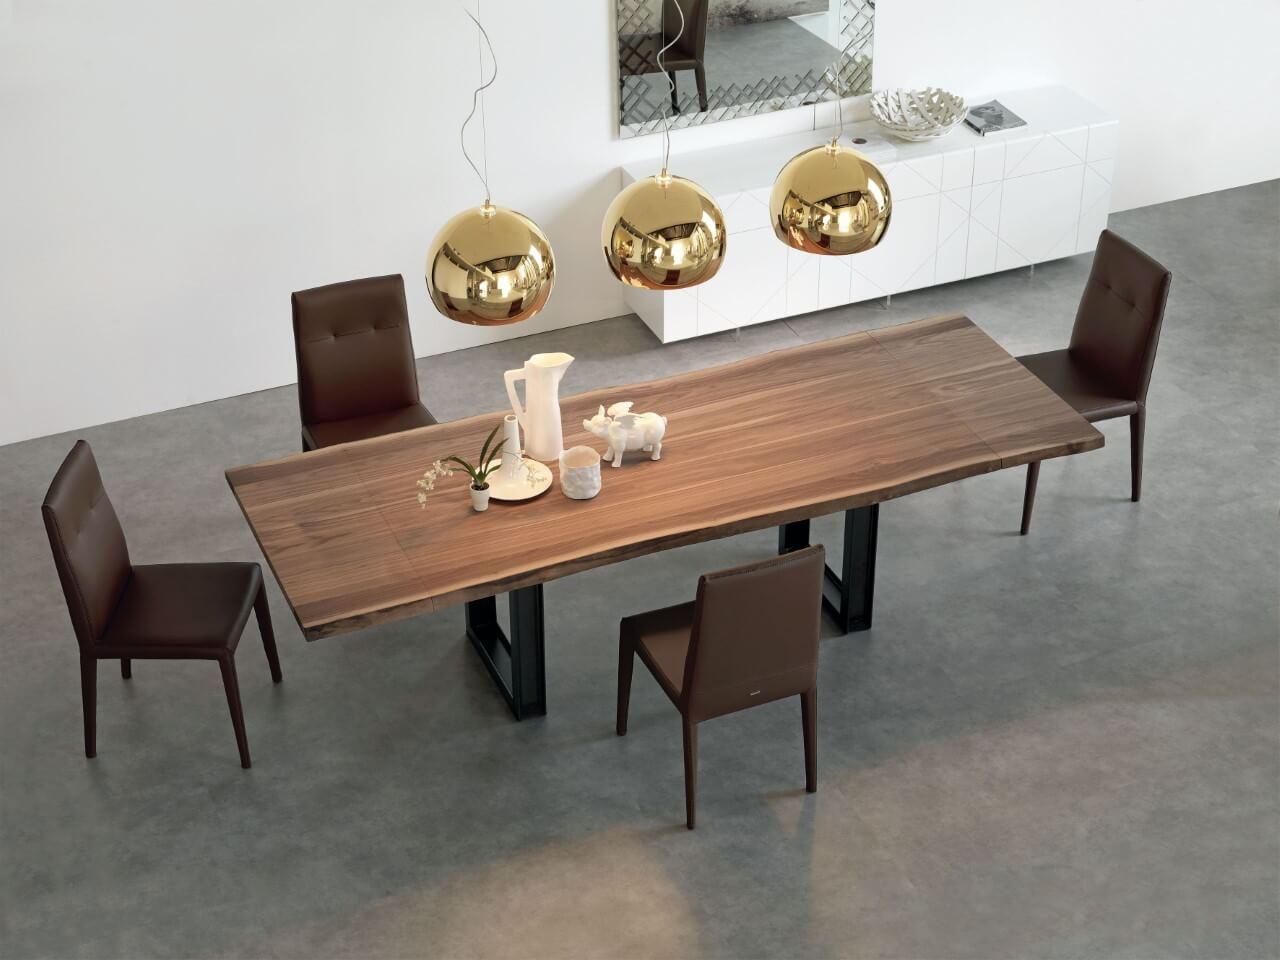 Jedálensky stôl na mieru